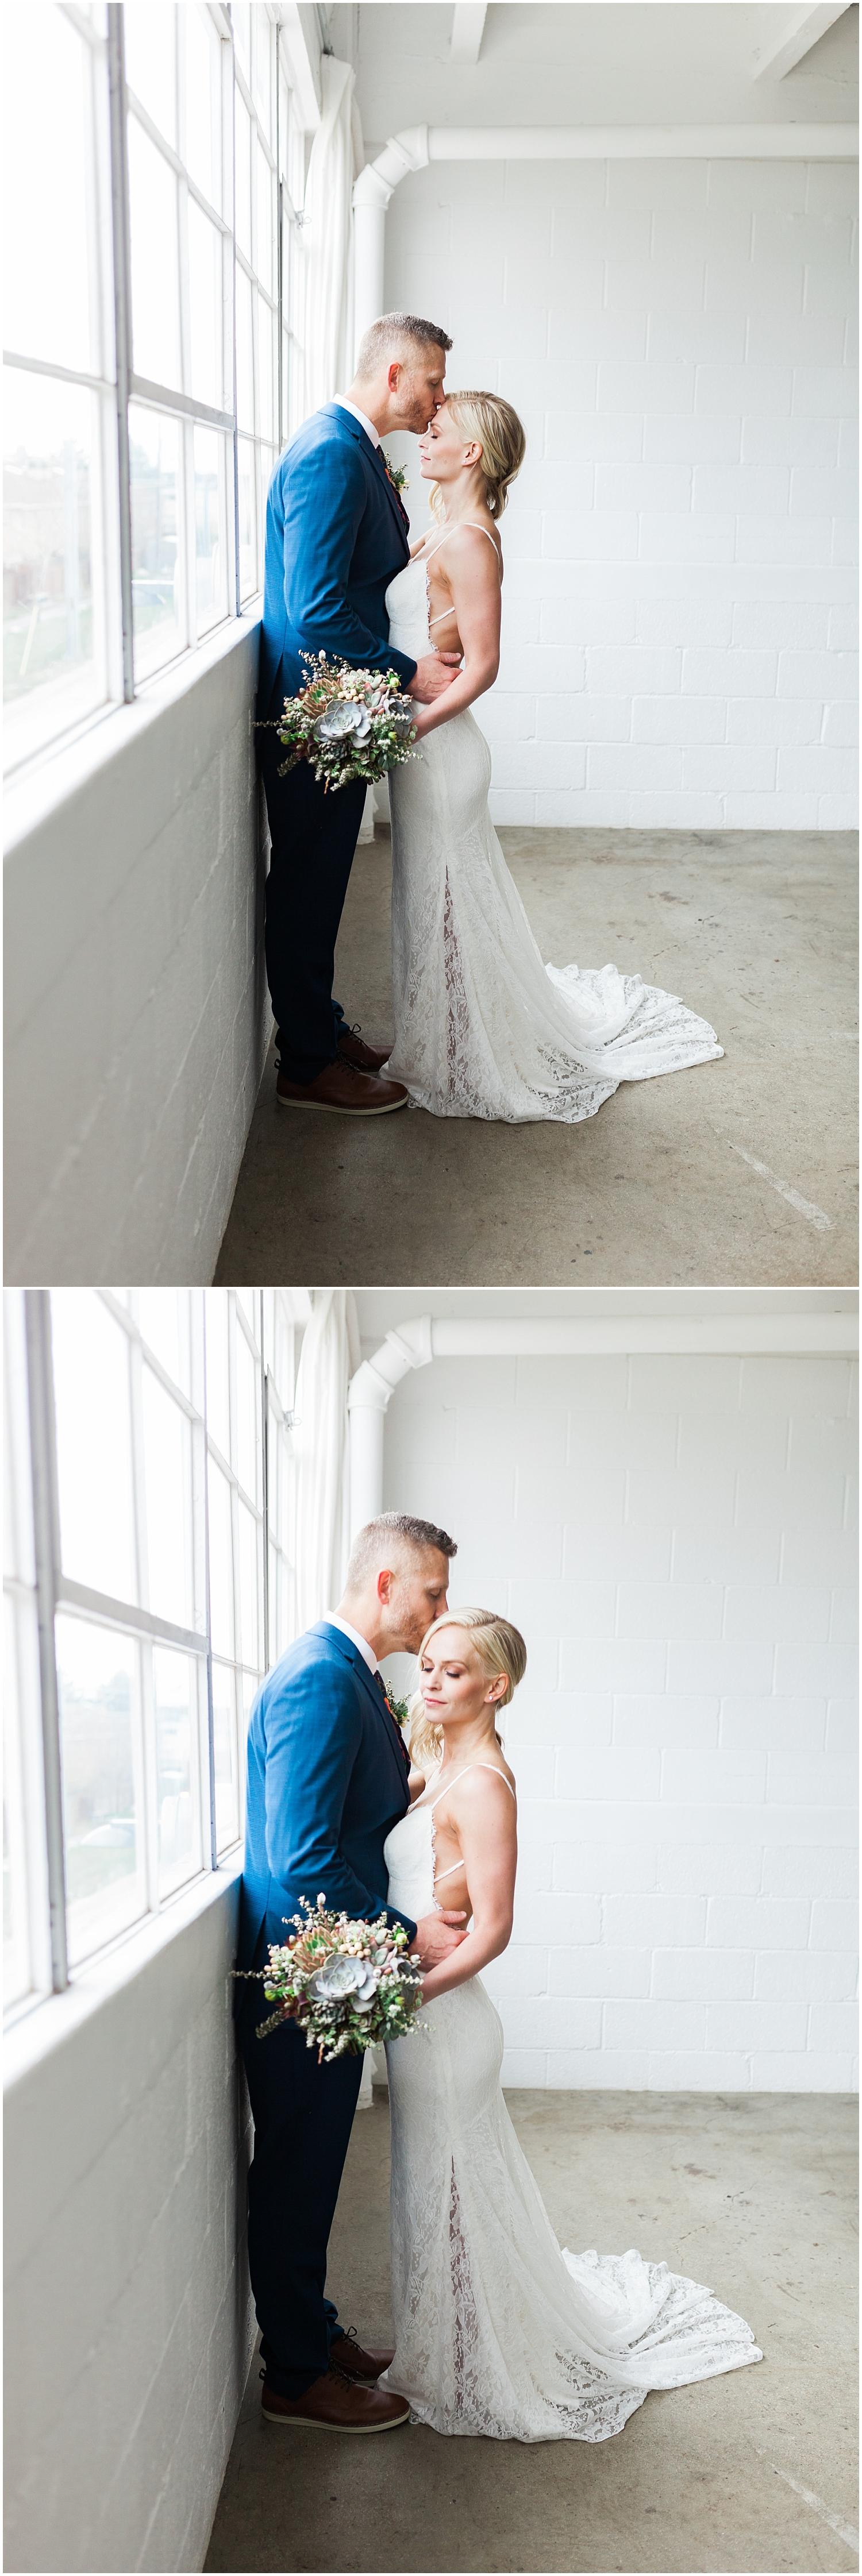 Bonneville Salt Flats Bridals-Ryan & Rachael-Rachel Reyes Photography_0173.jpg